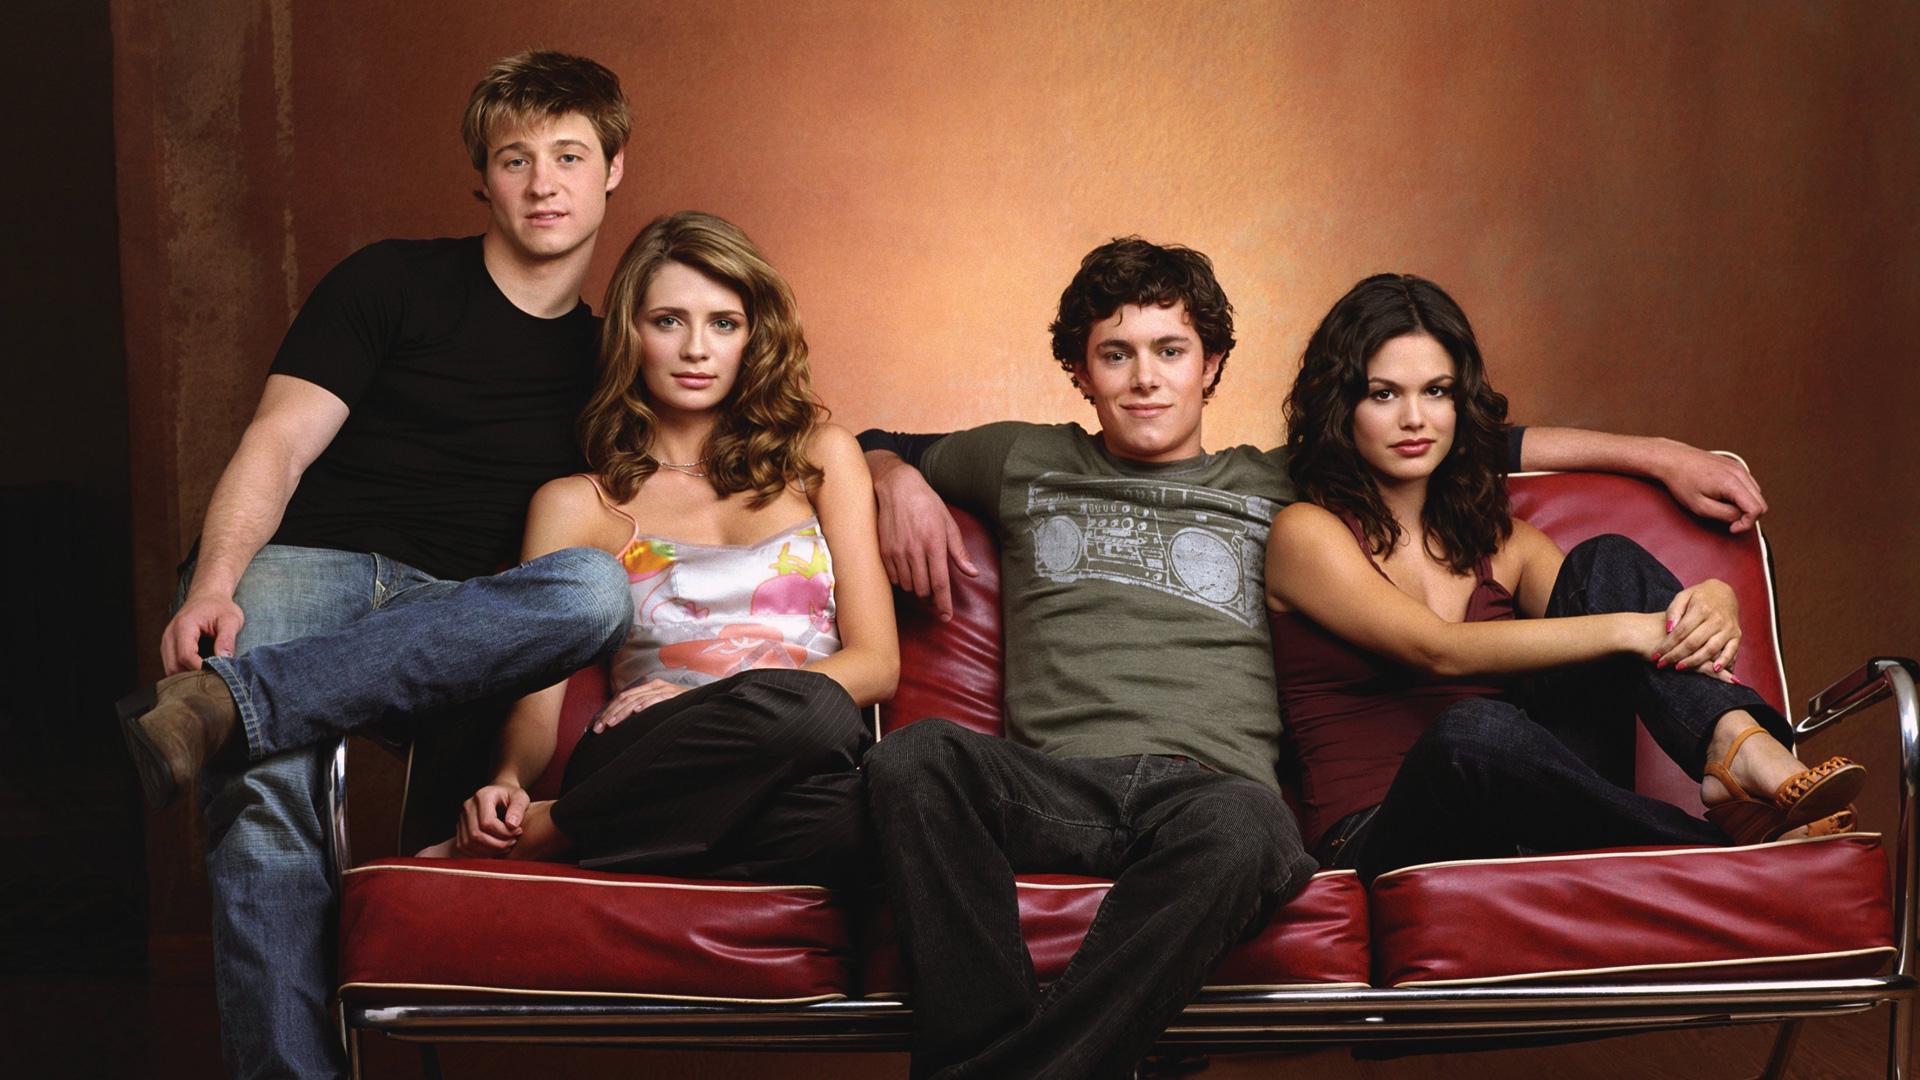 watch the oc season 3 online free